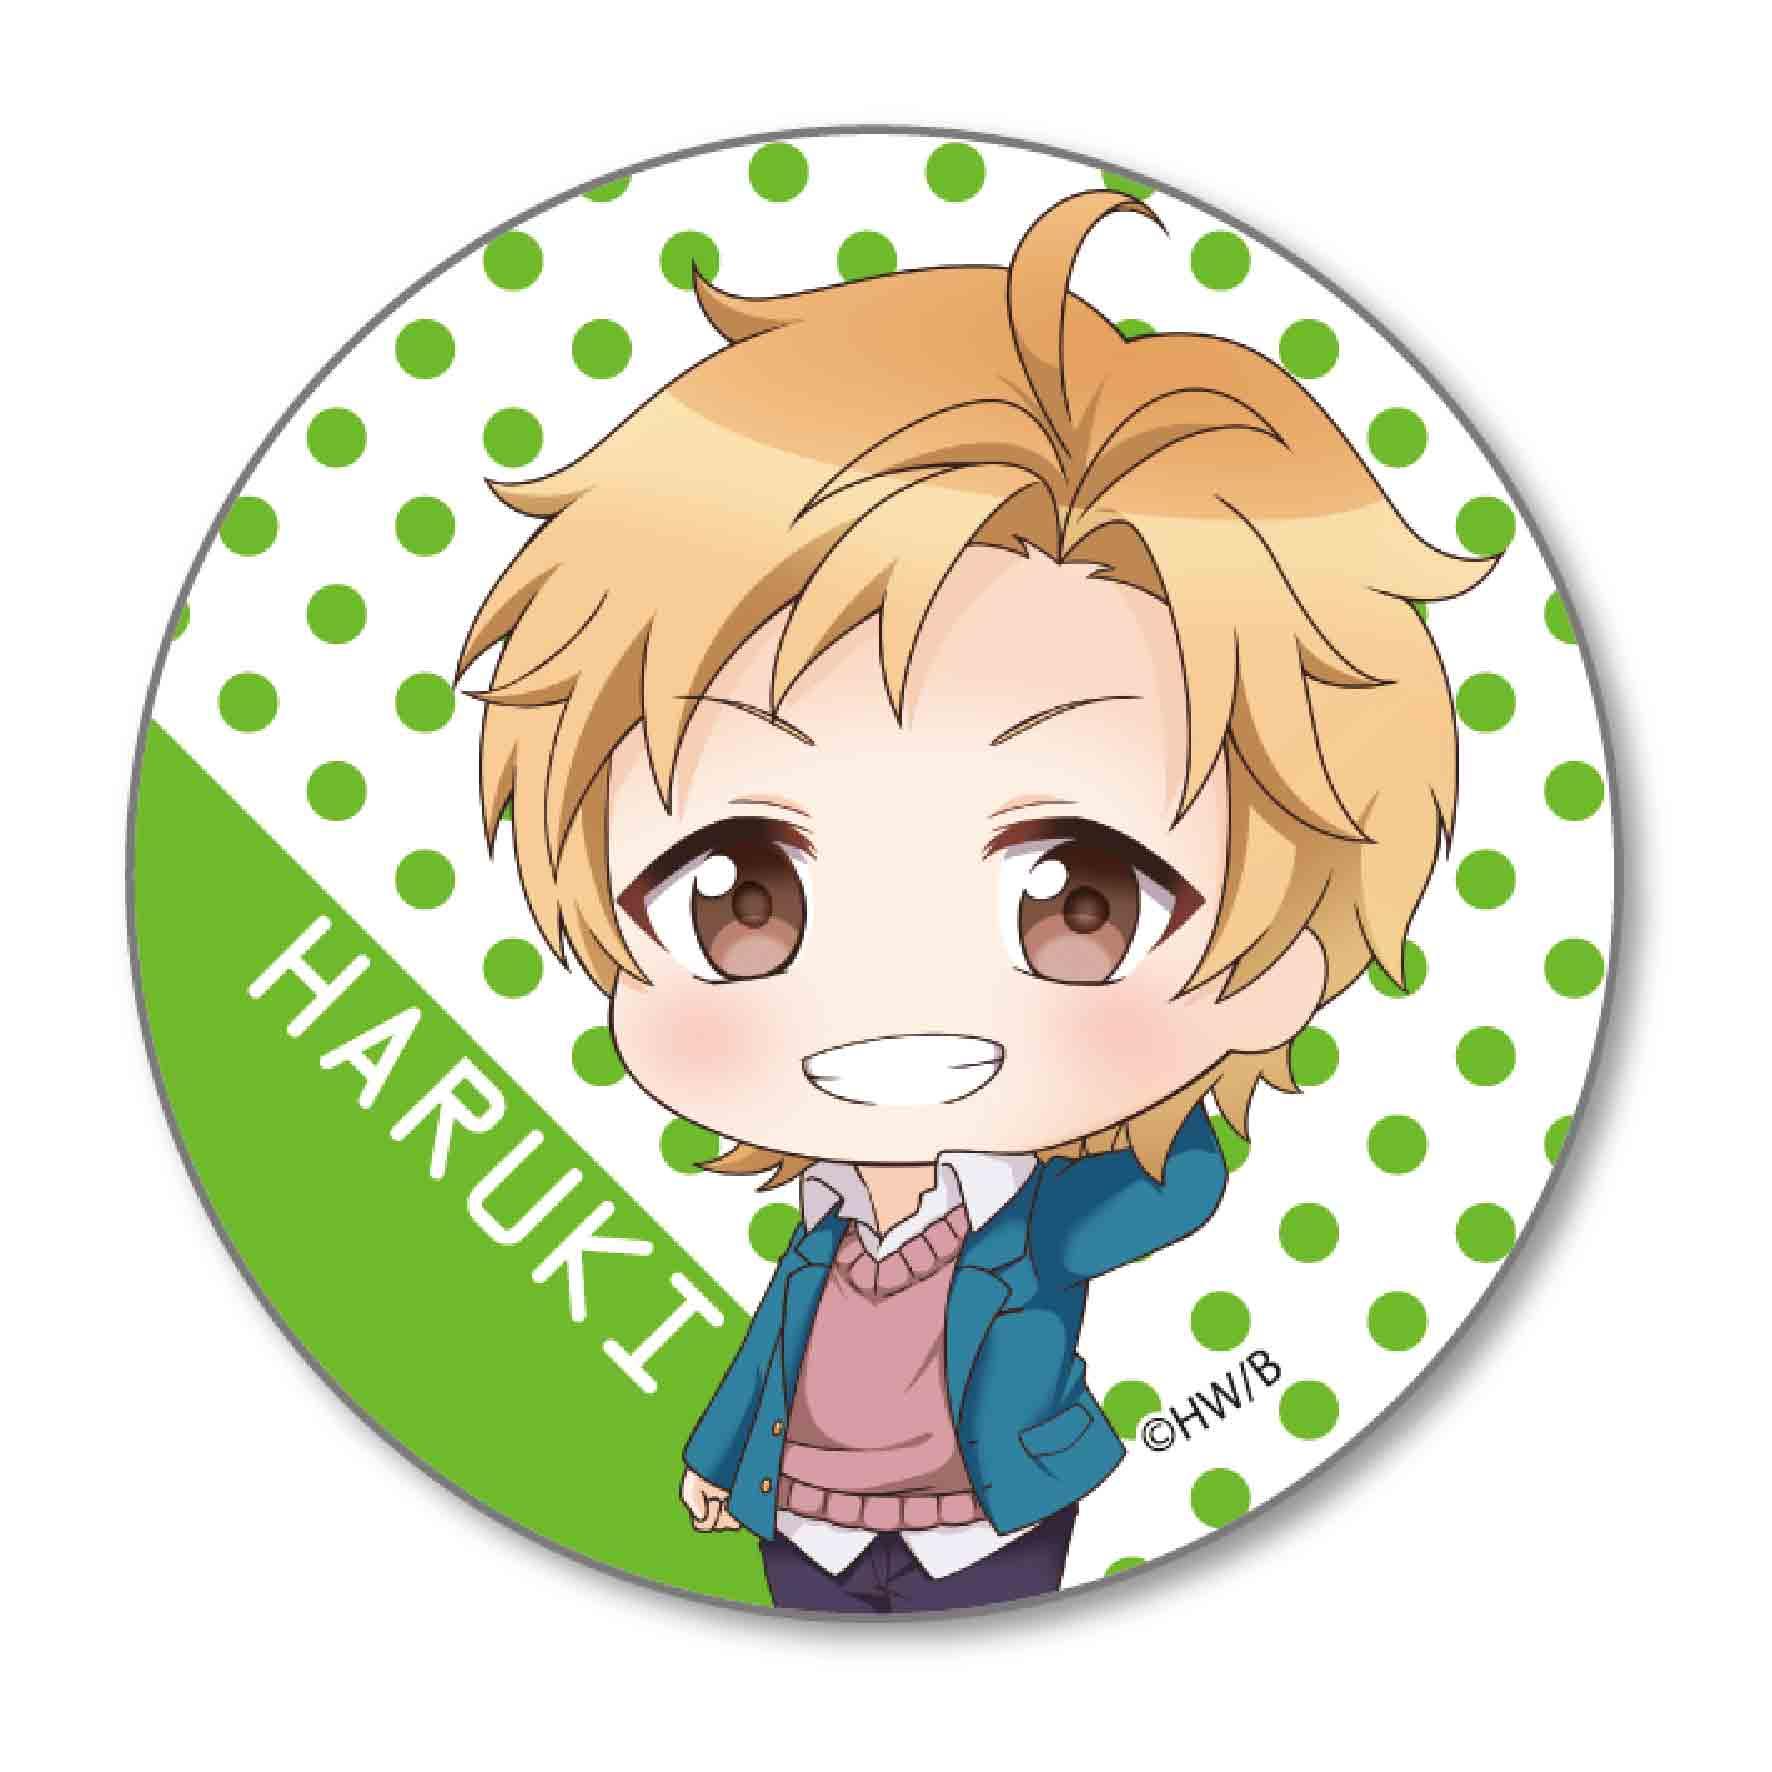 Itsu datte bokura no koi wa 10cm datta tekutoko can badge serizawa haruki